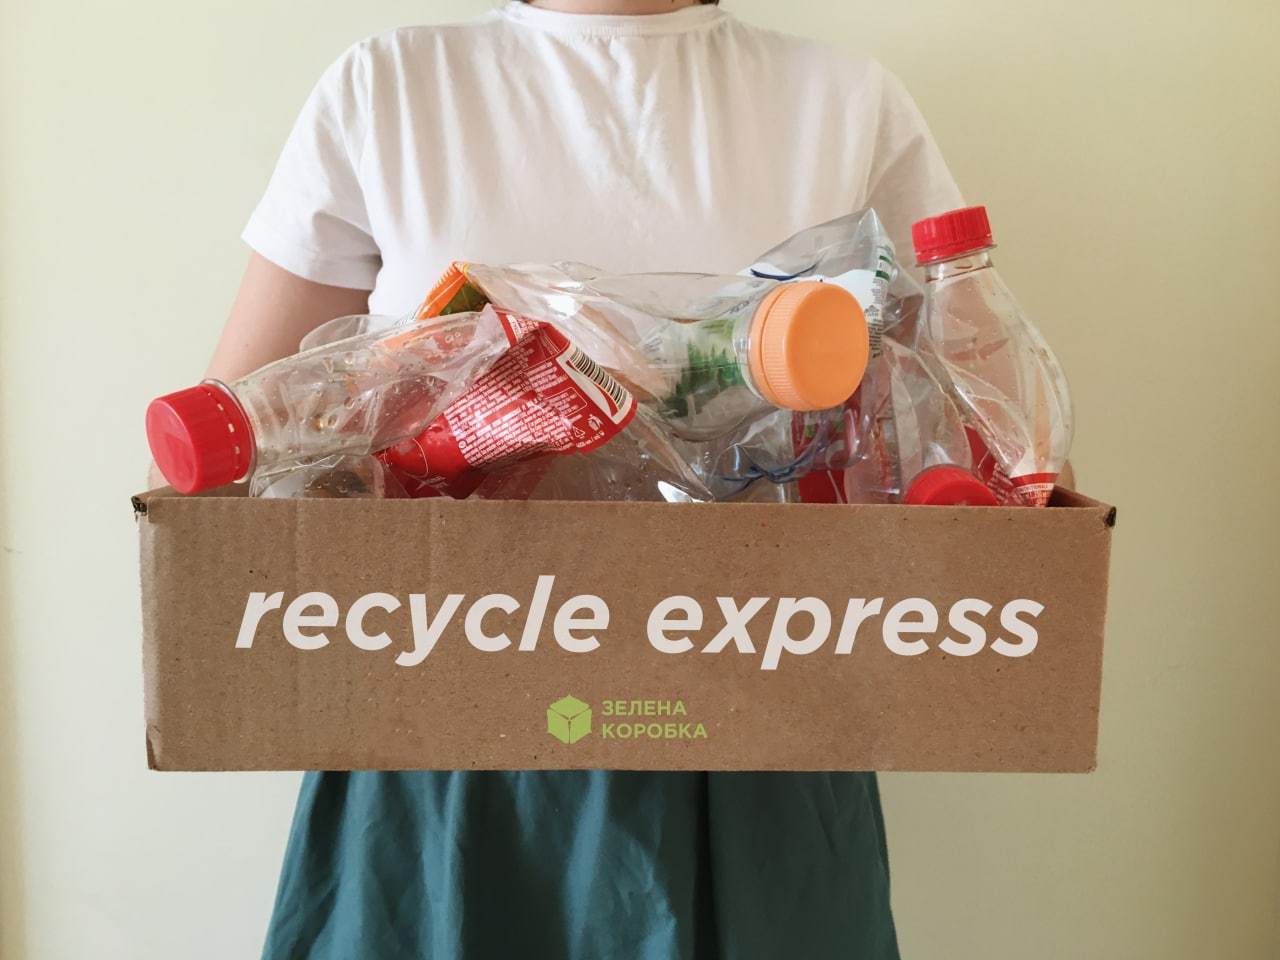 Доставка пластику на переробку – чи екологічно?